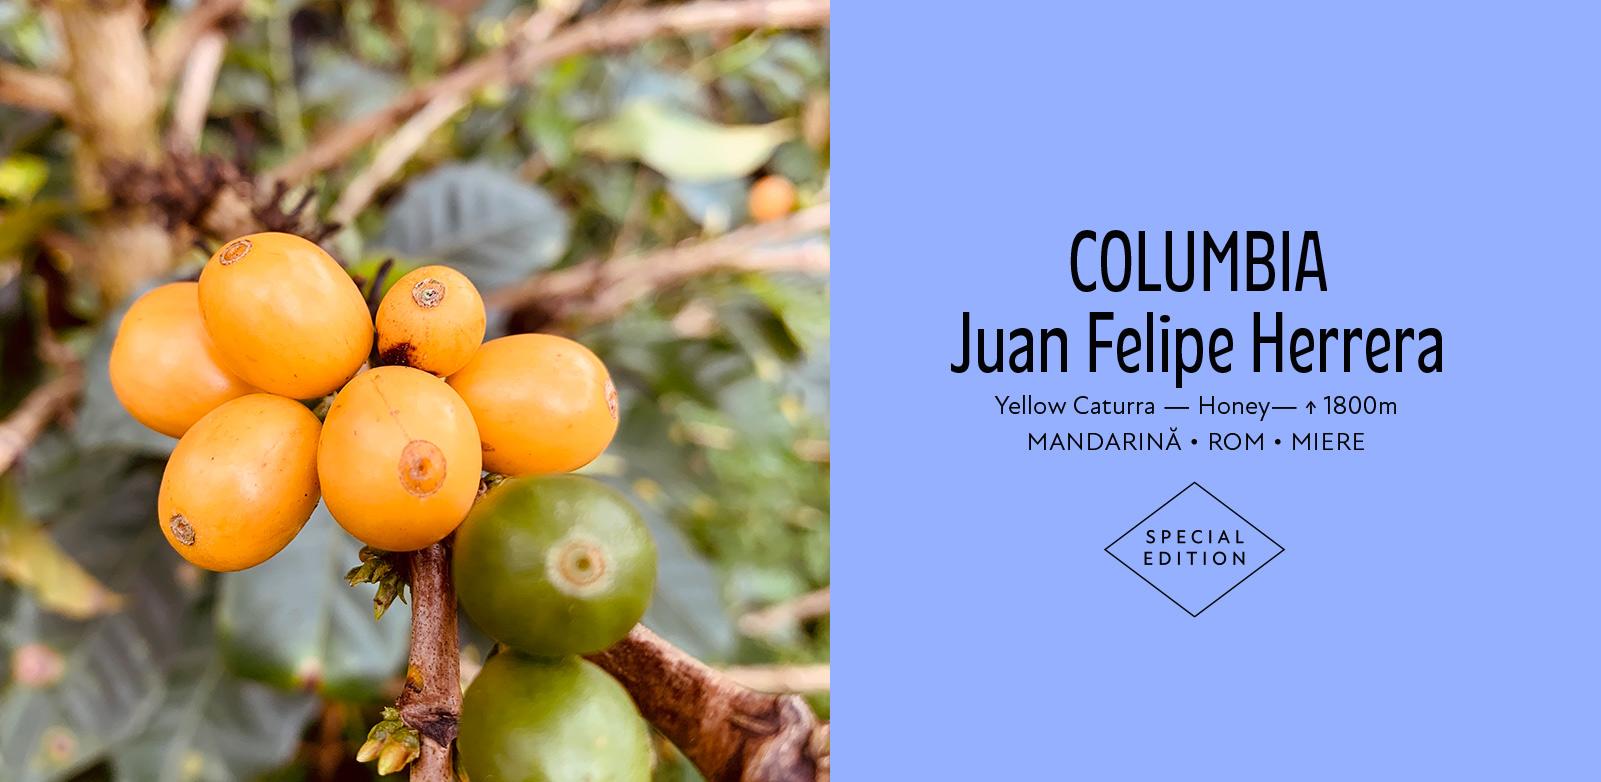 Colombia Juan Felipe